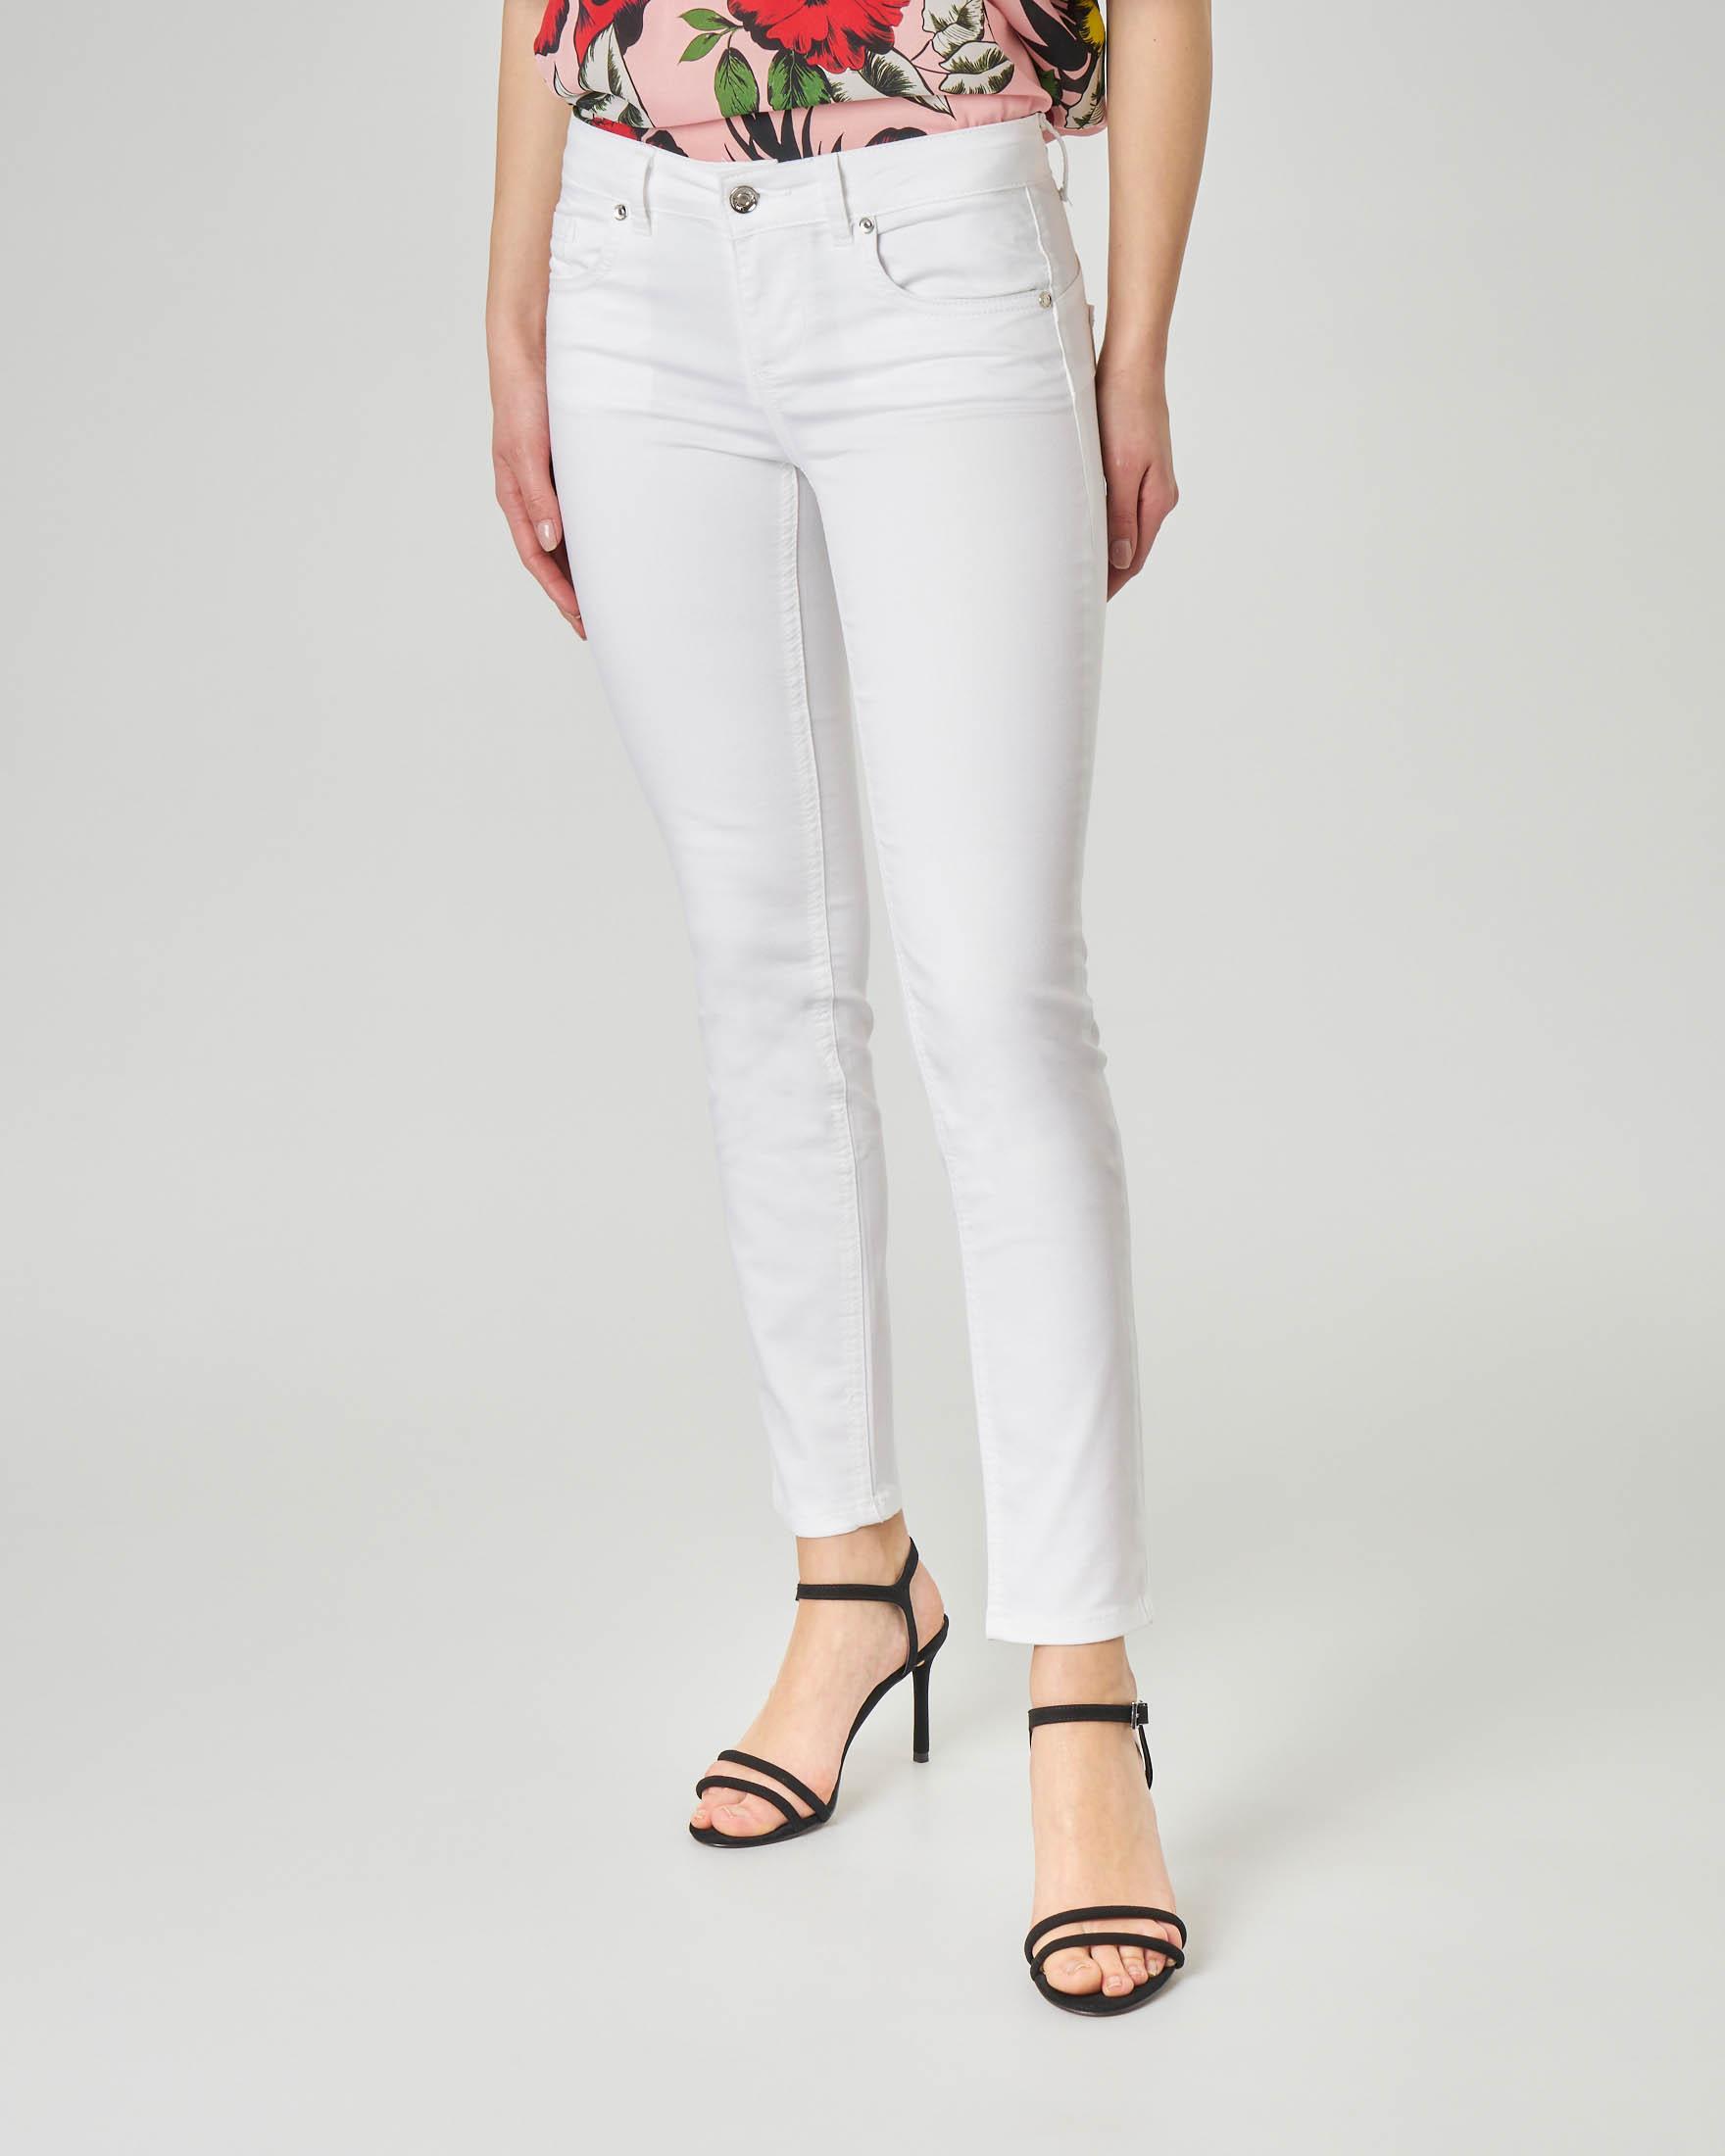 Pantalone cinque tasche bianchi in cotone elasticizzato vestibilità skinny